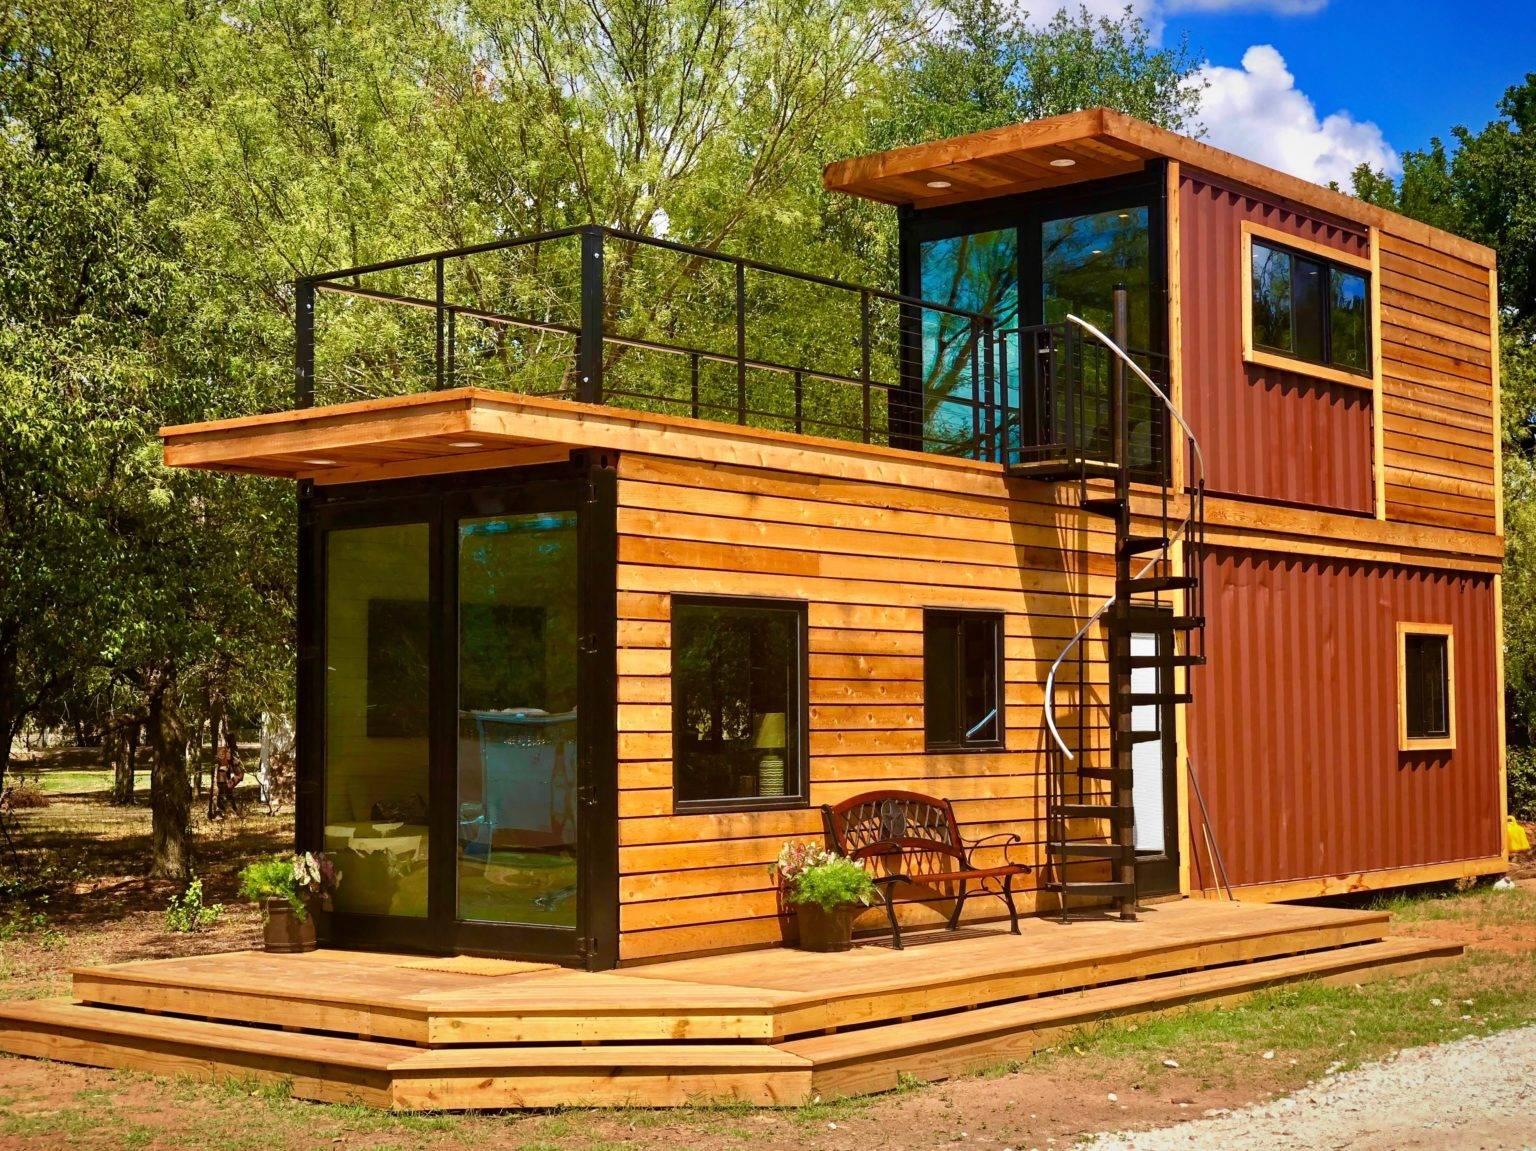 Nhà container hiện rất phổ biến vì chúng bền vững, thân thiện với môi trường và tiết kiệm chi phí. Ngôi nhà này lấy cảm hứng từ gỗ có sân thượng và cầu thang xoắn ốc độc đáo.